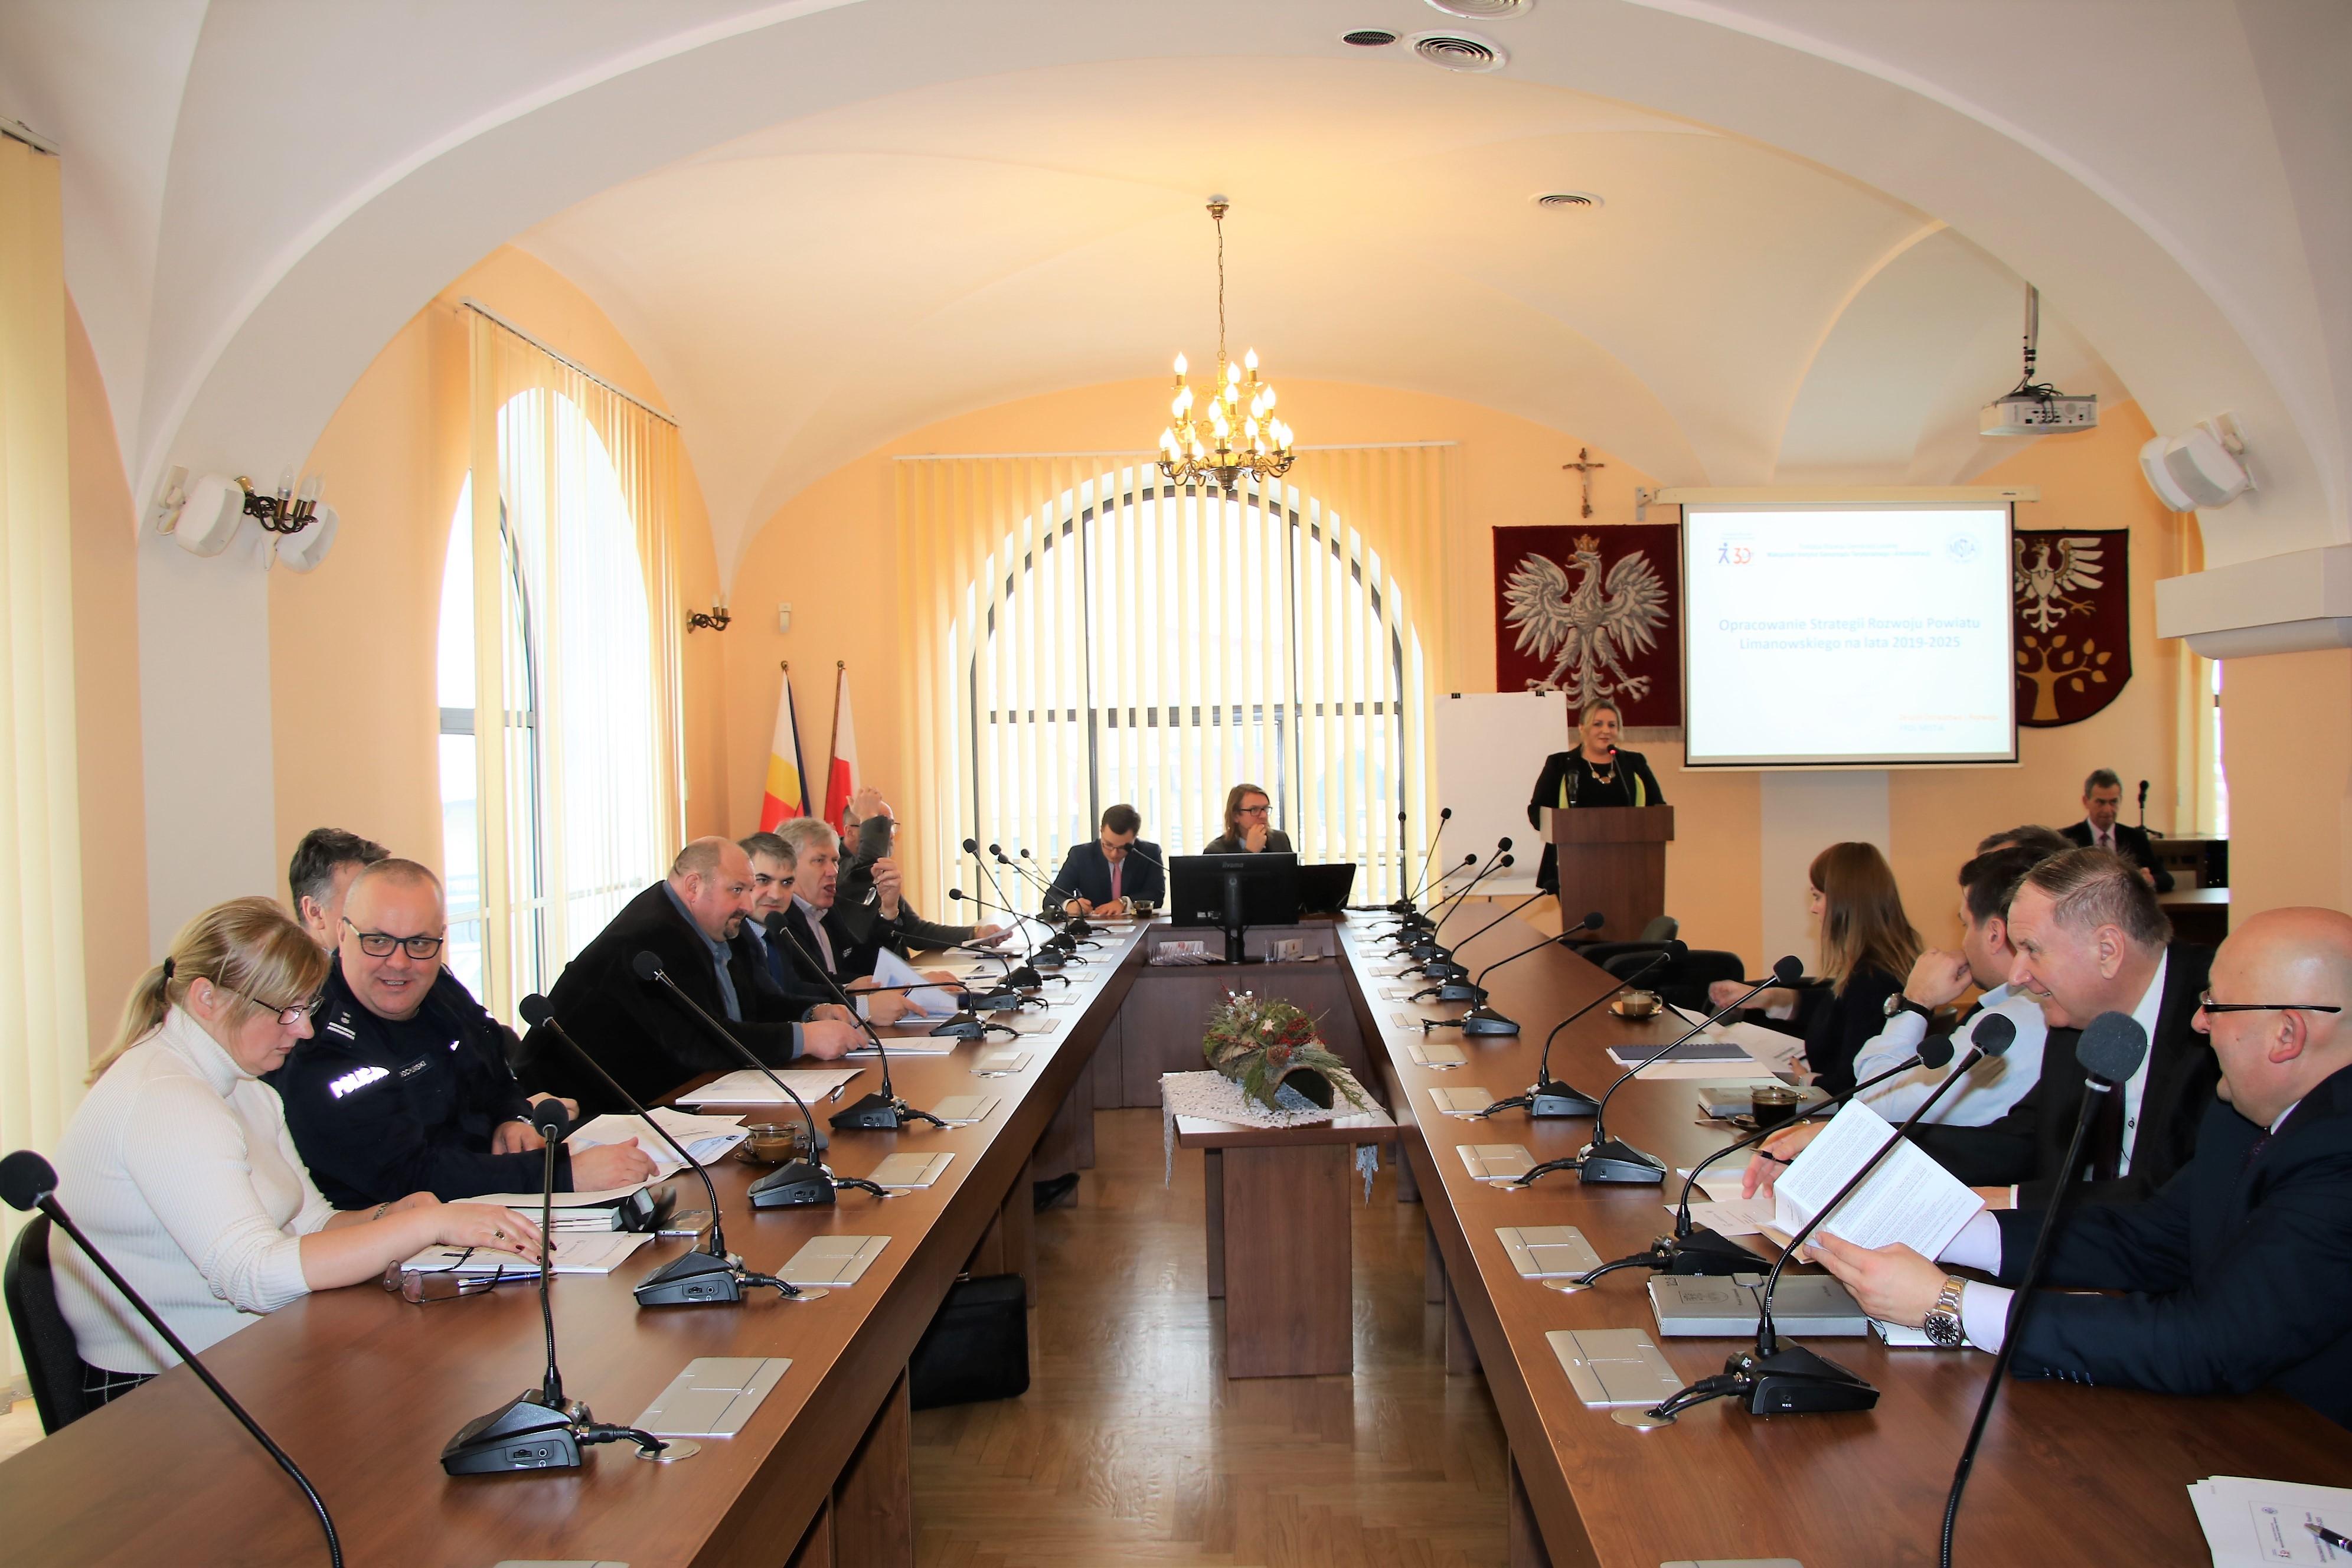 10 stycznia w Starostwie Powiatowym odbyło się pierwsze spotkanie warsztatowe, w którym wzięli udział przedstawiciele sektora publicznego, społecznego oraz biznesowego Powiatu Limanowskiego.